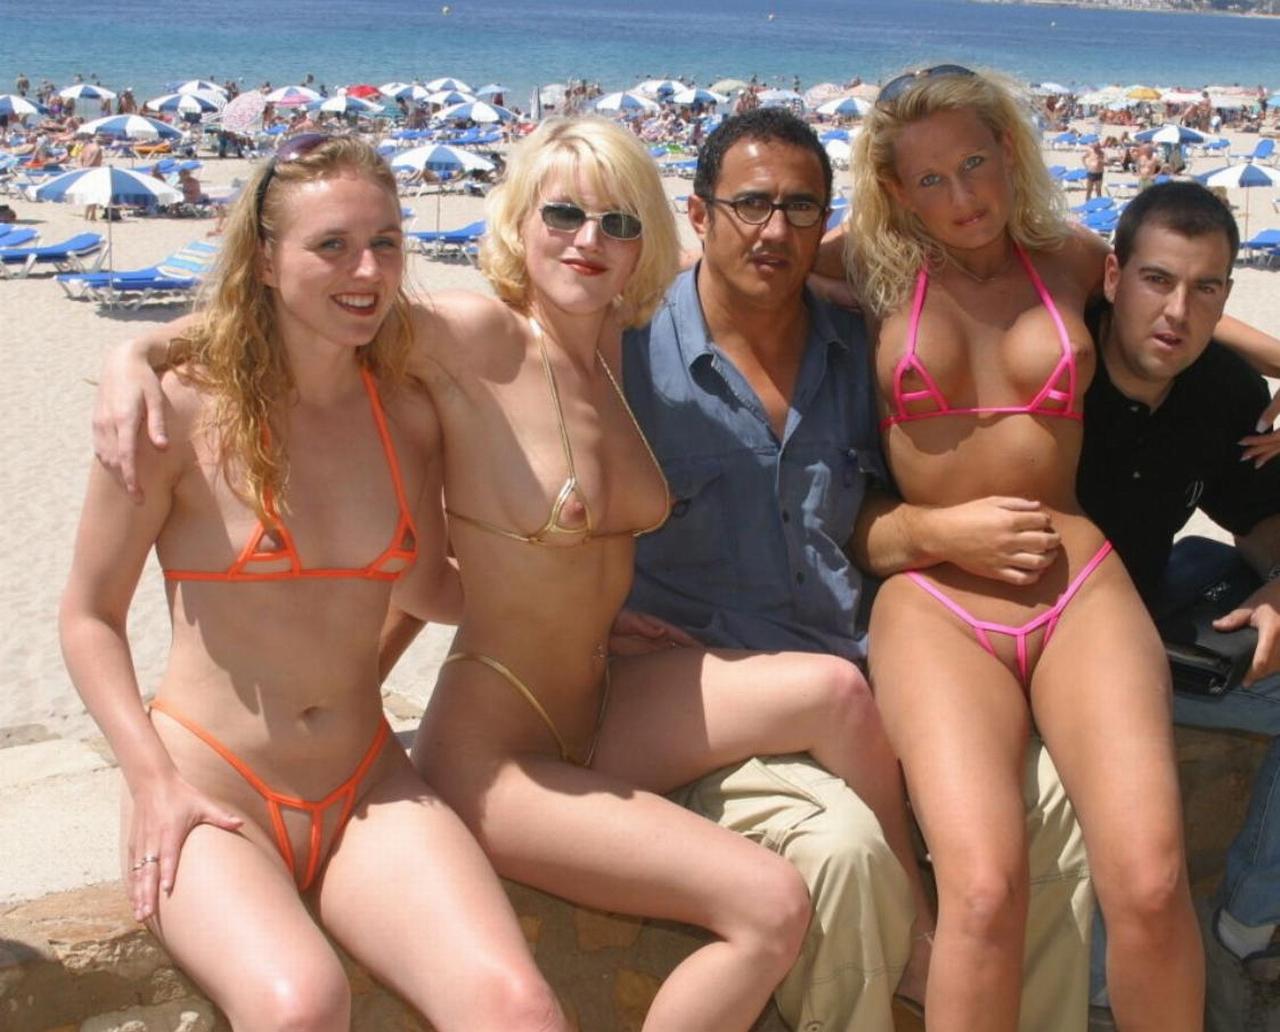 Por Cierto Si Os Gusta Ver Chicas Desnudas En La Playa No Podeis